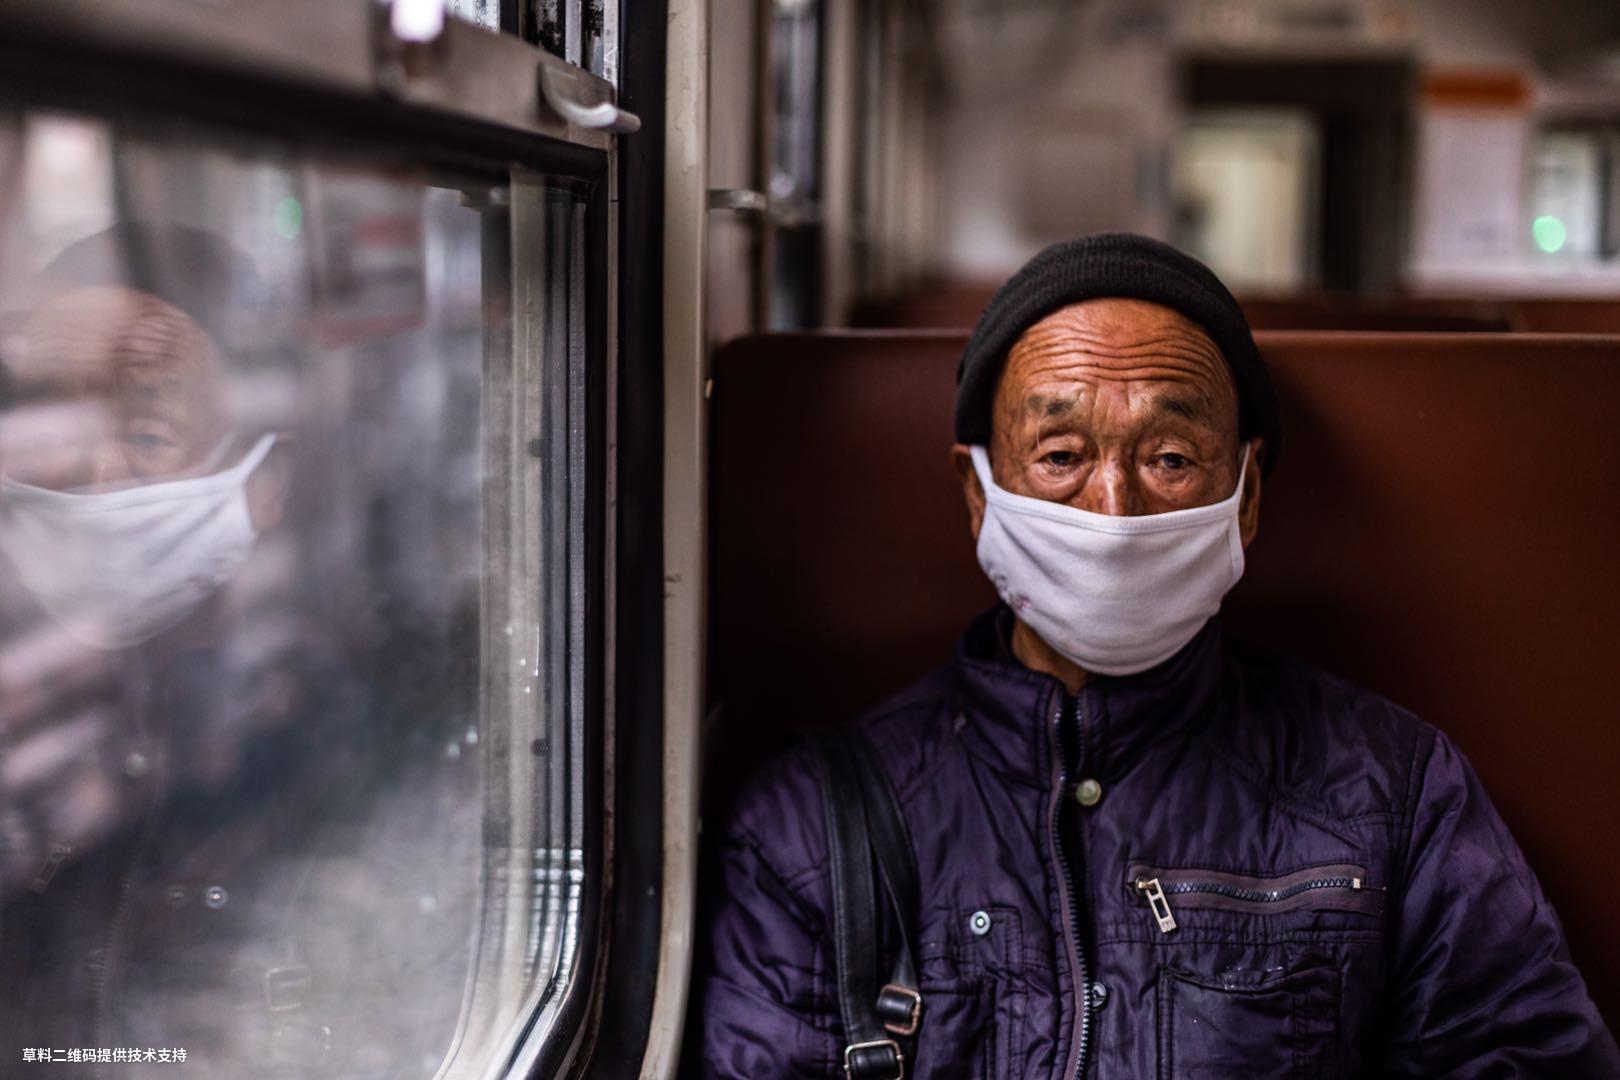 丁儒圣《凝》 Canon,疫情有所缓解,火车先行,大山里面的一个老大爷,乘车前往县城看病,面带病容,于是便记录了下来。.jpg